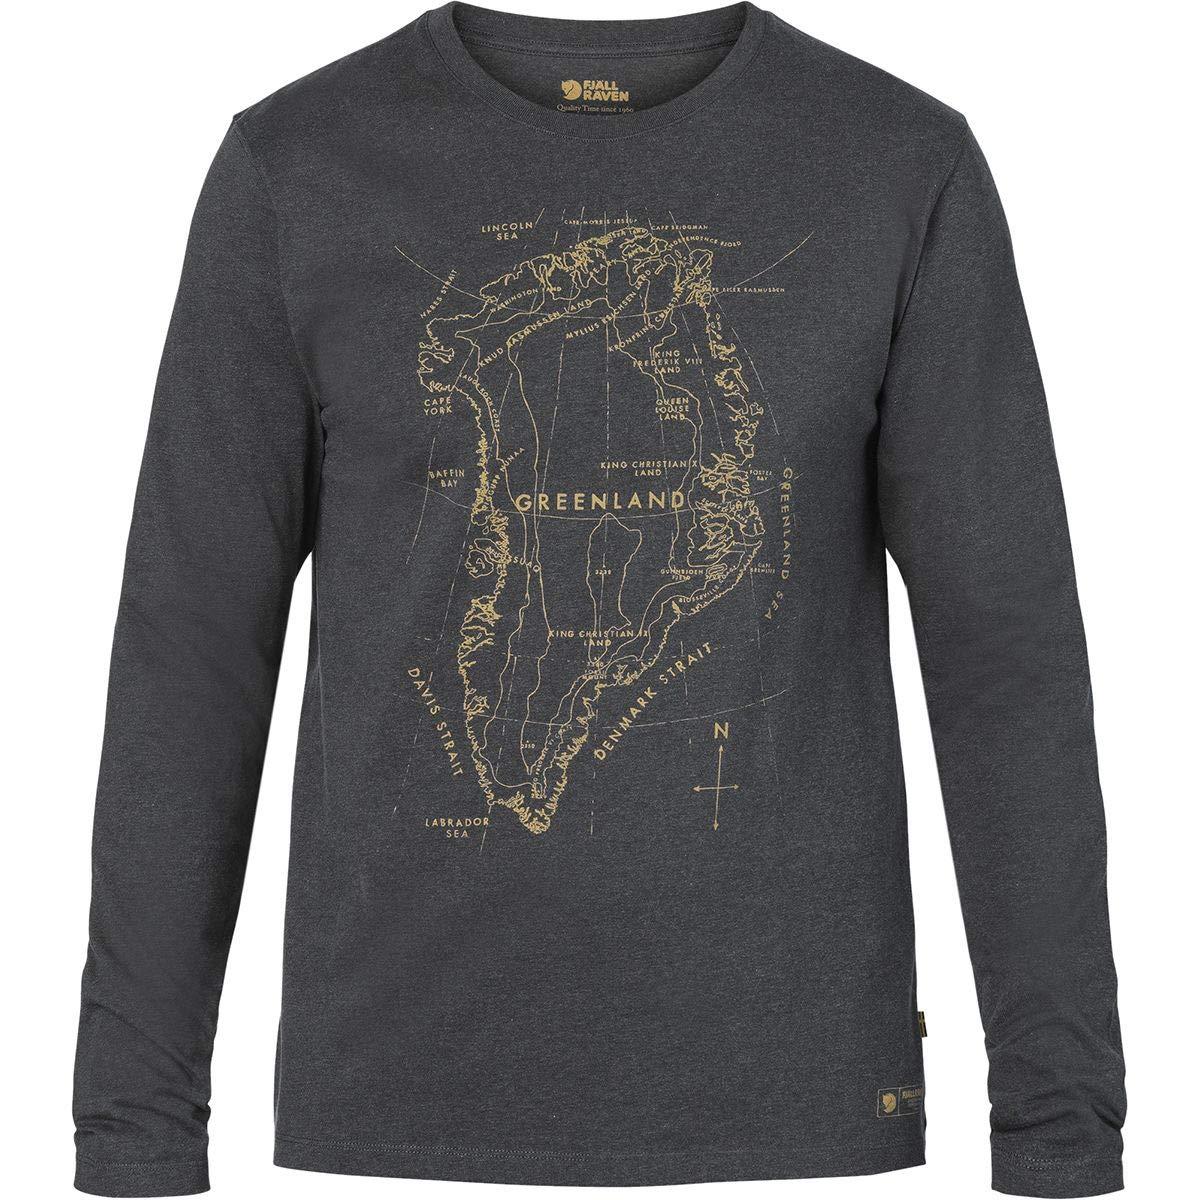 Fjällräven Grünland Printed Longsleeve Shirt Men - Longsleeve